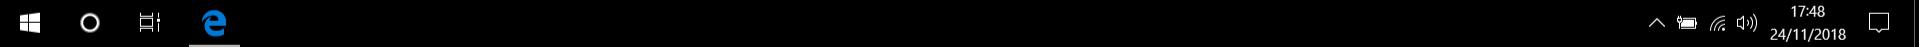 Anotaci-n-2018-11-24-174838-1